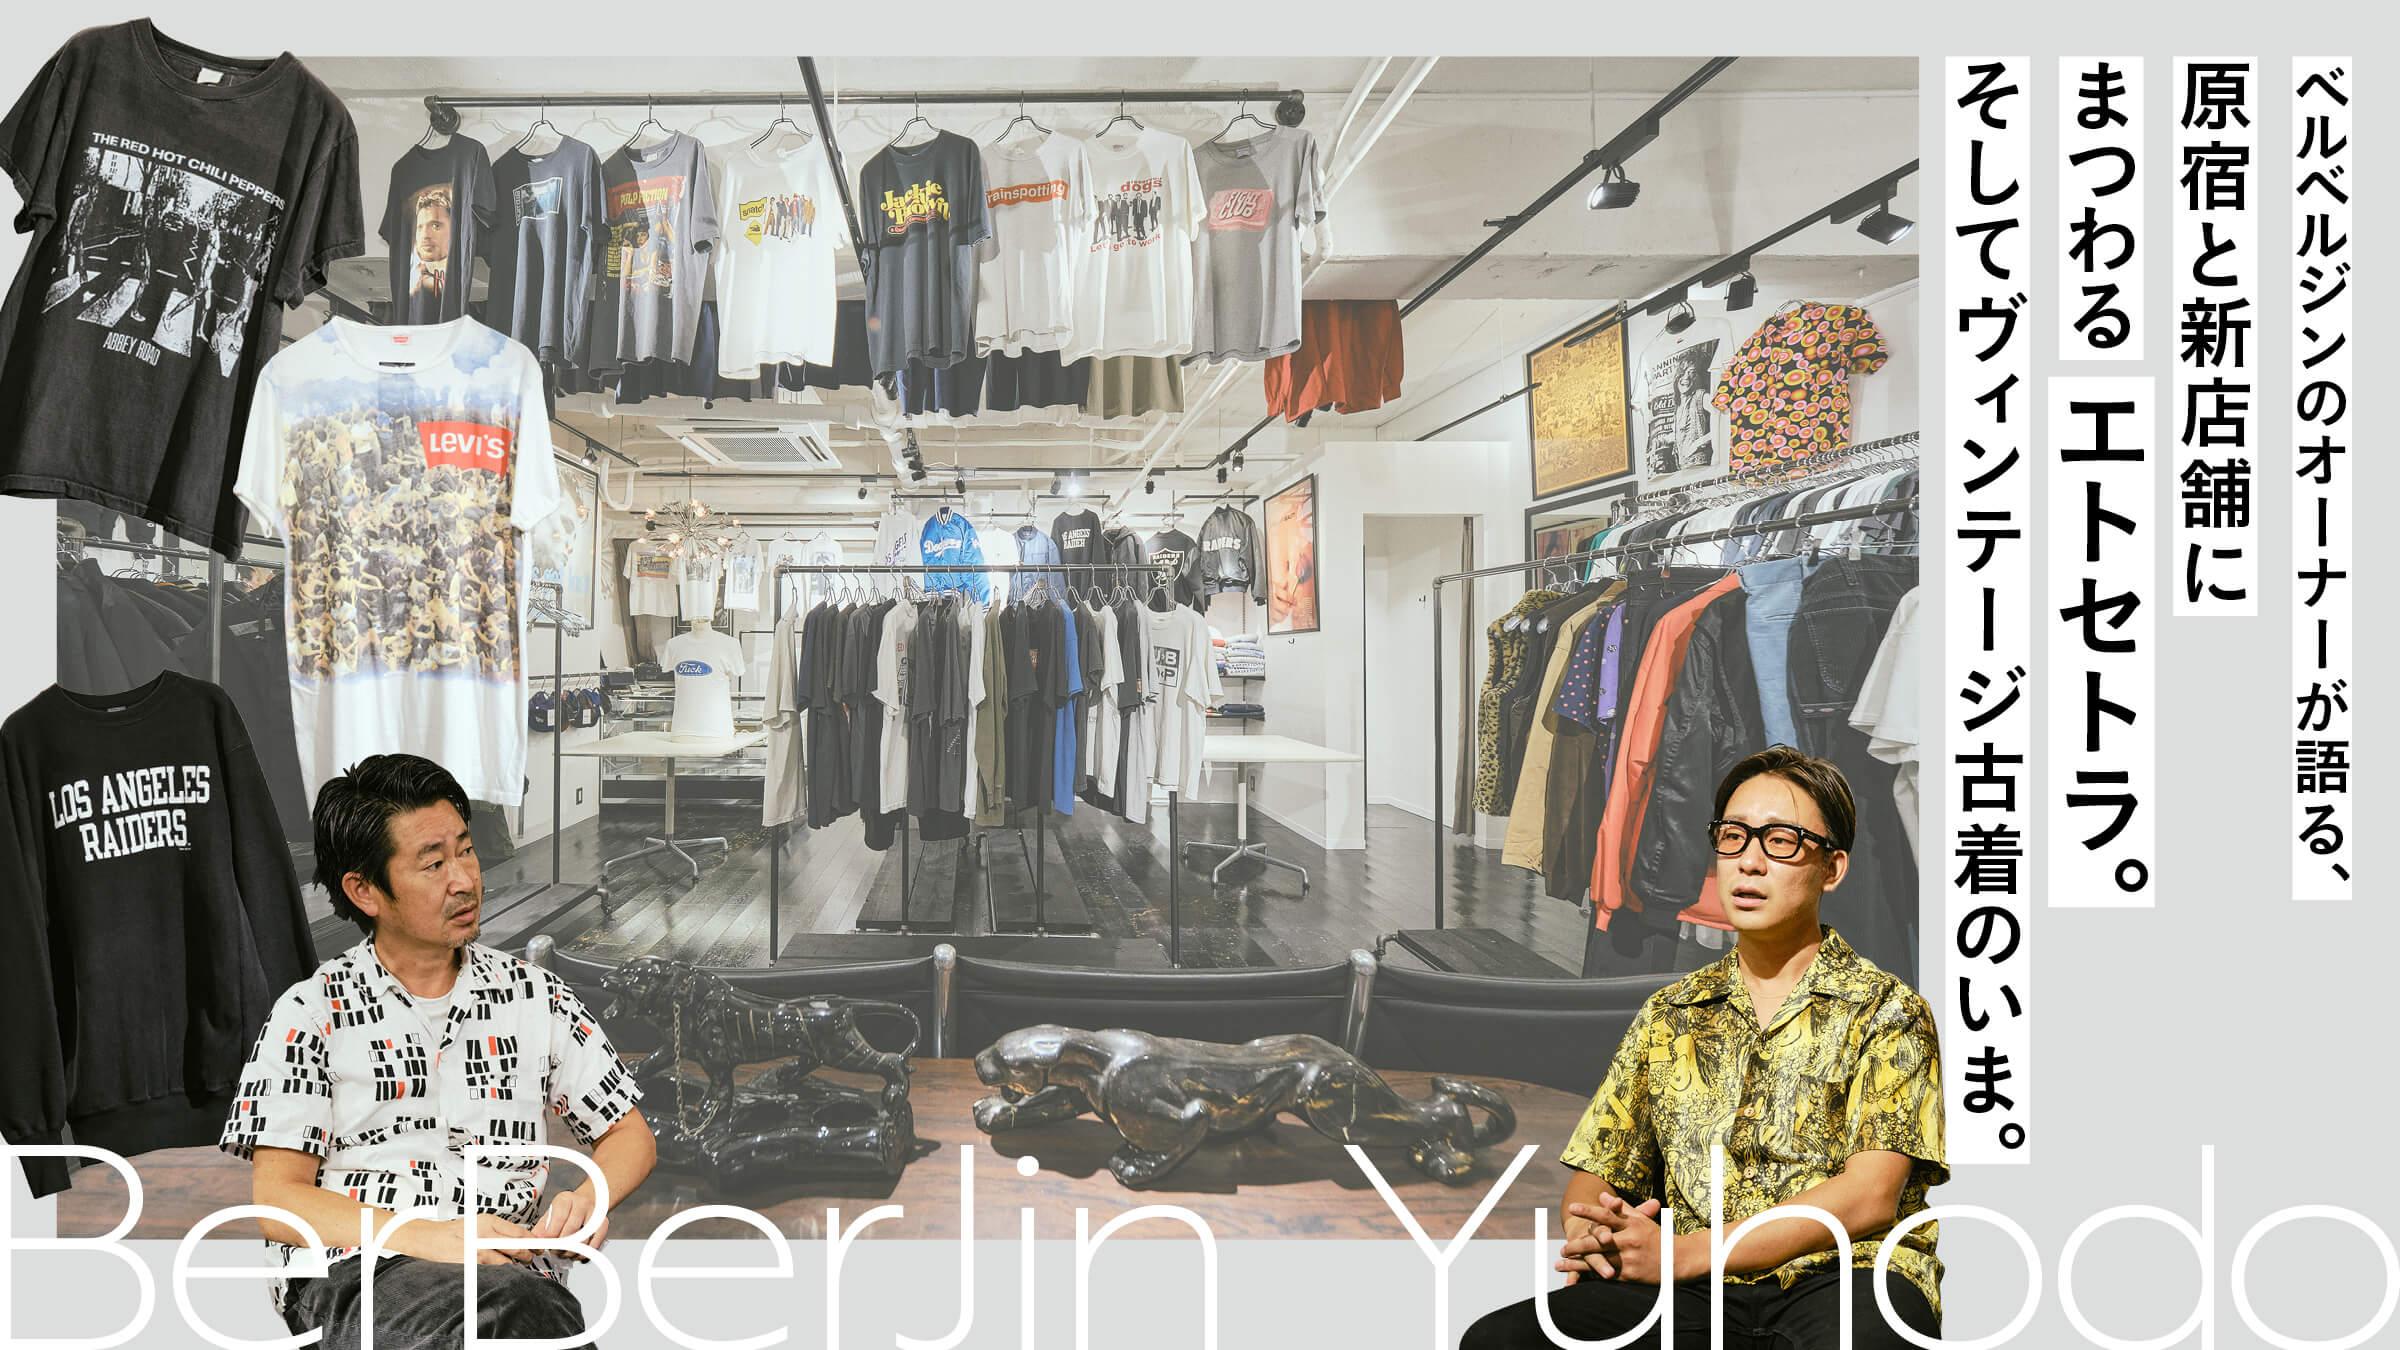 ベルベルジンのオーナーが語る、原宿と新店舗にまつわるエトセトラ。そしてヴィンテージ古着のいま。